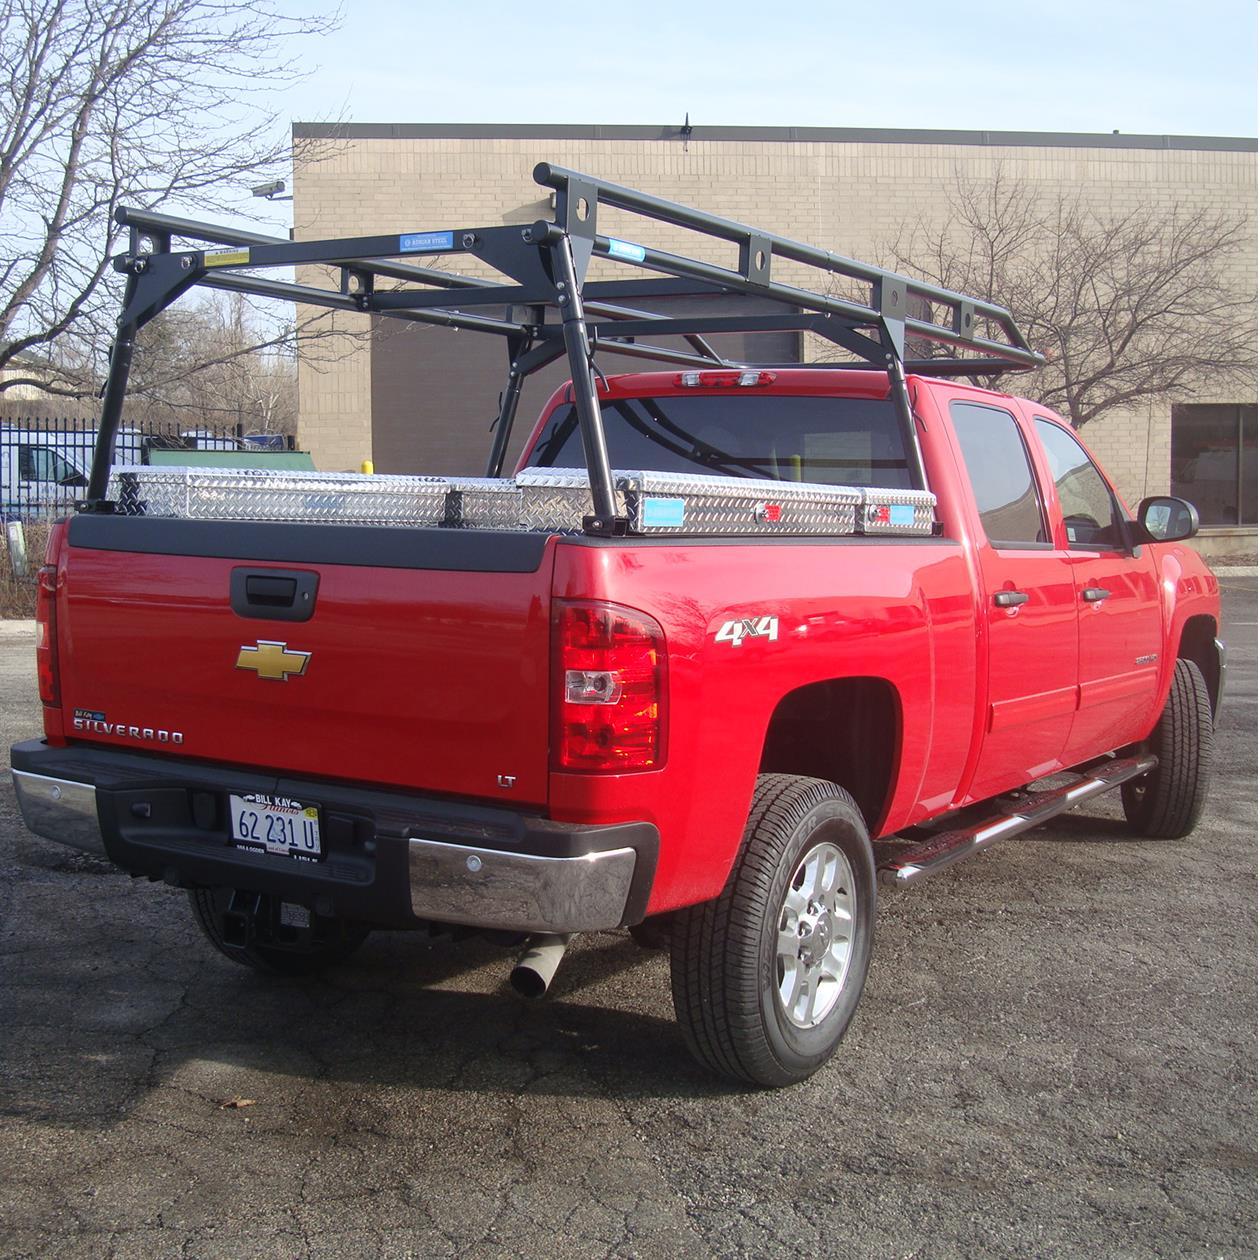 adrian steel load runner full size truck racks model slr